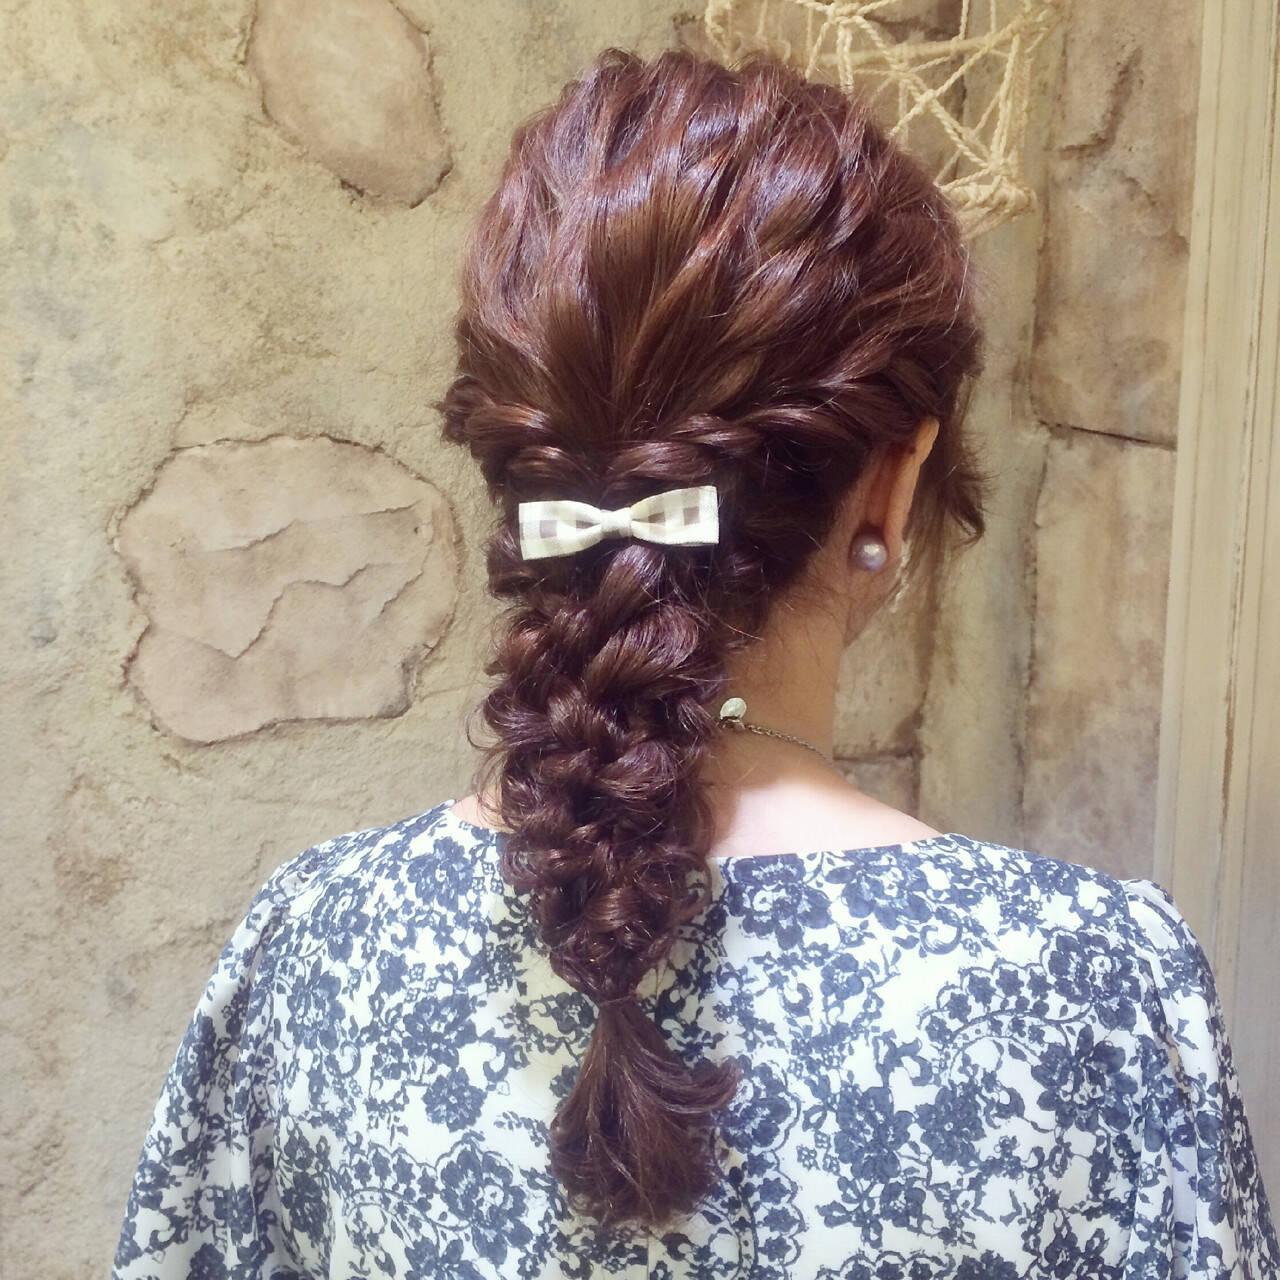 パーティ 波ウェーブ ヘアアレンジ ロングヘアスタイルや髪型の写真・画像